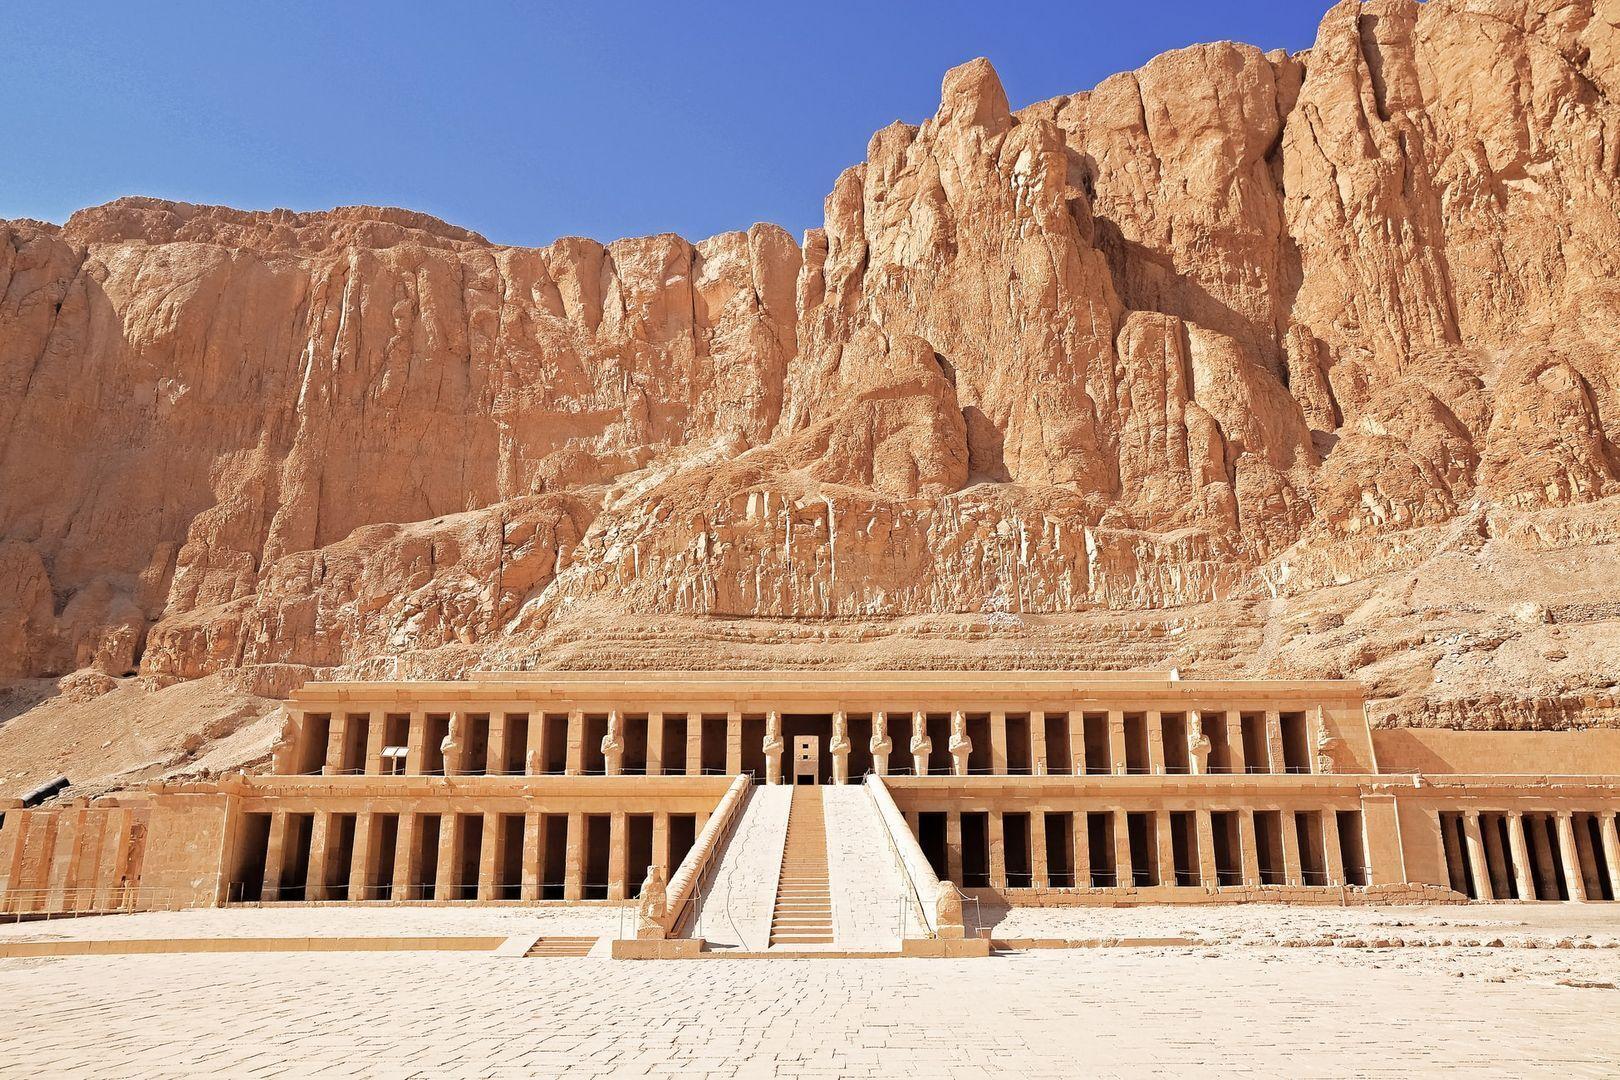 На західному березі Нілу в Долині Царів зберігся храмовий комплекс цариці Хатшепсут